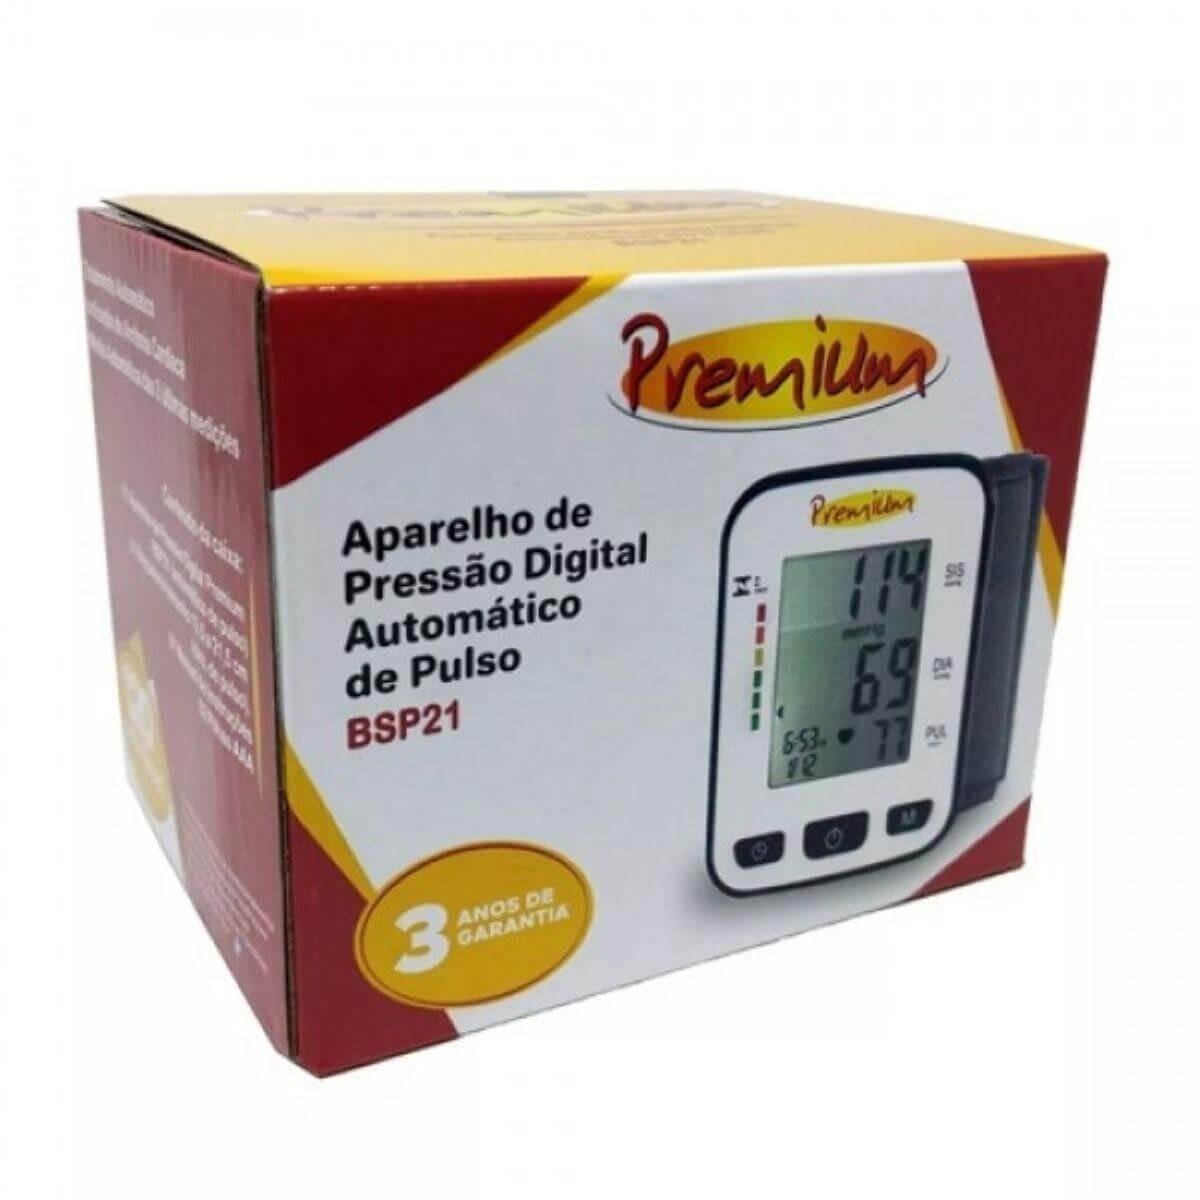 Monitor de Pressão Arterial de Pulso Automático BSP21 Premium